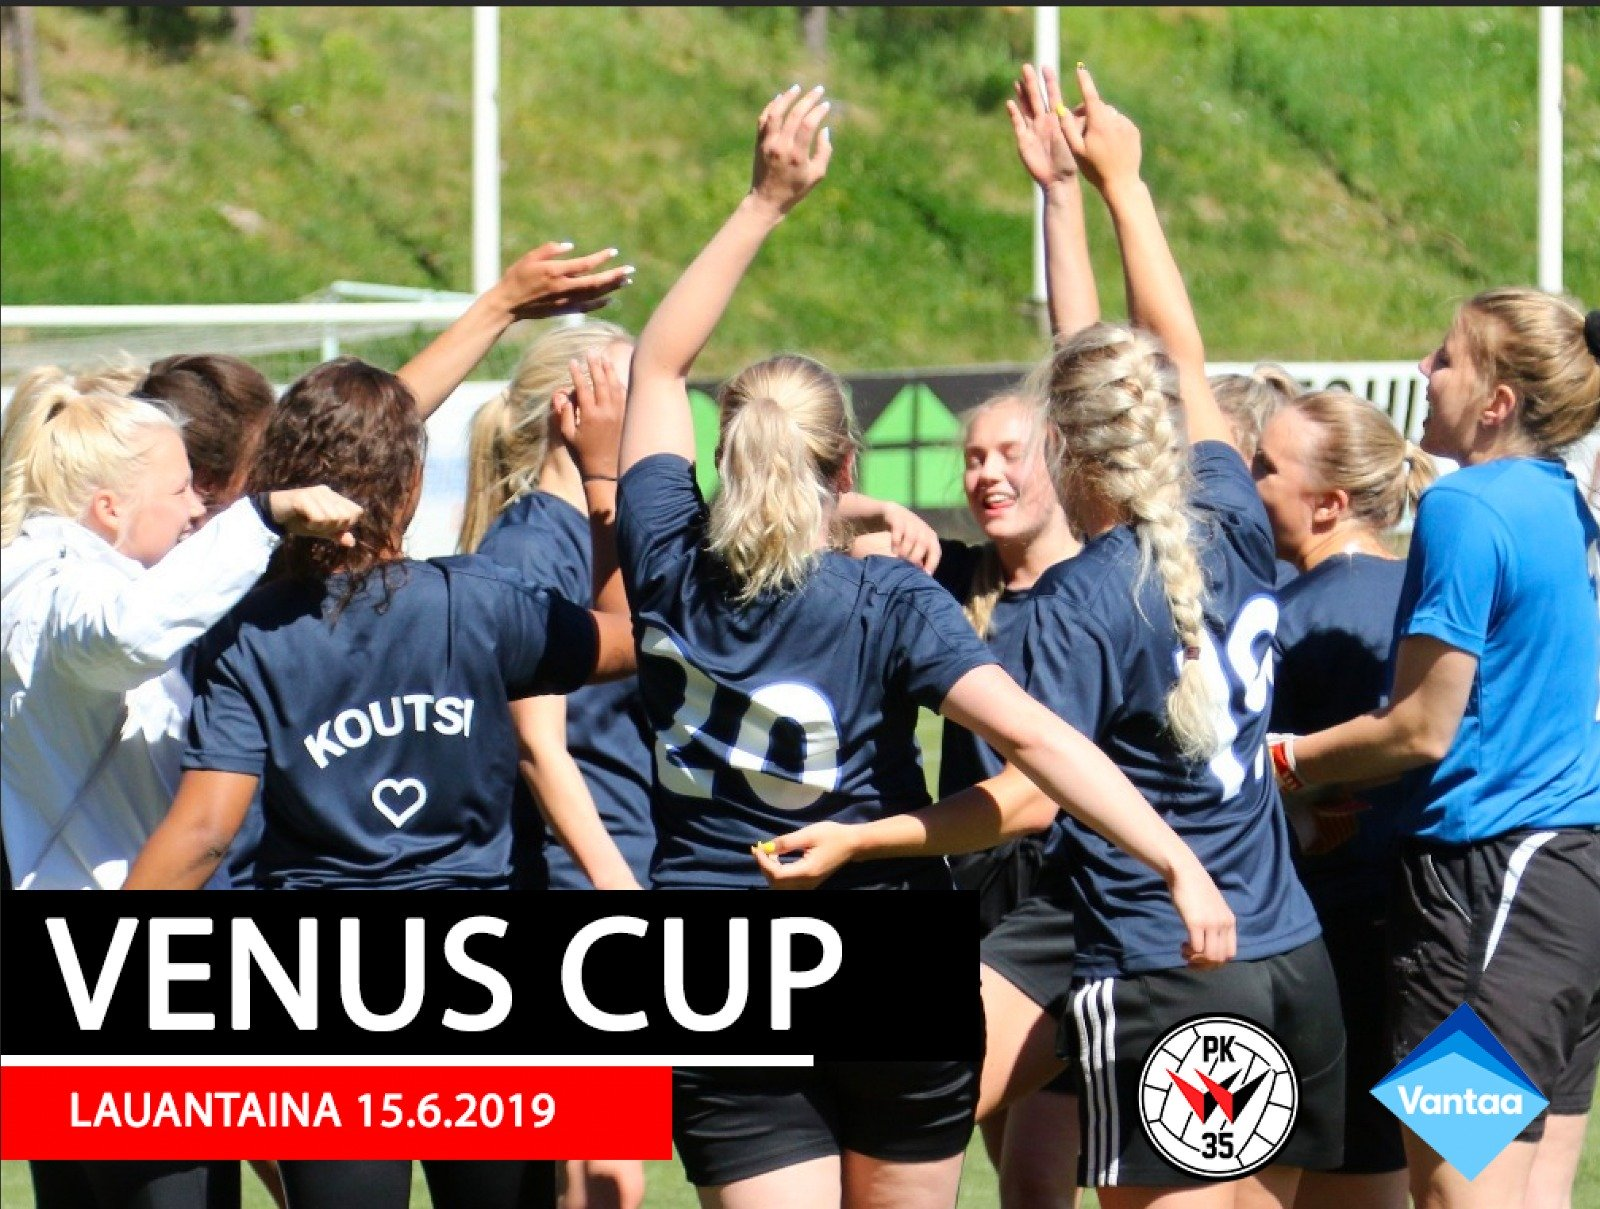 Venus Cup 2019 Pelataan Lauantaina 15.6.